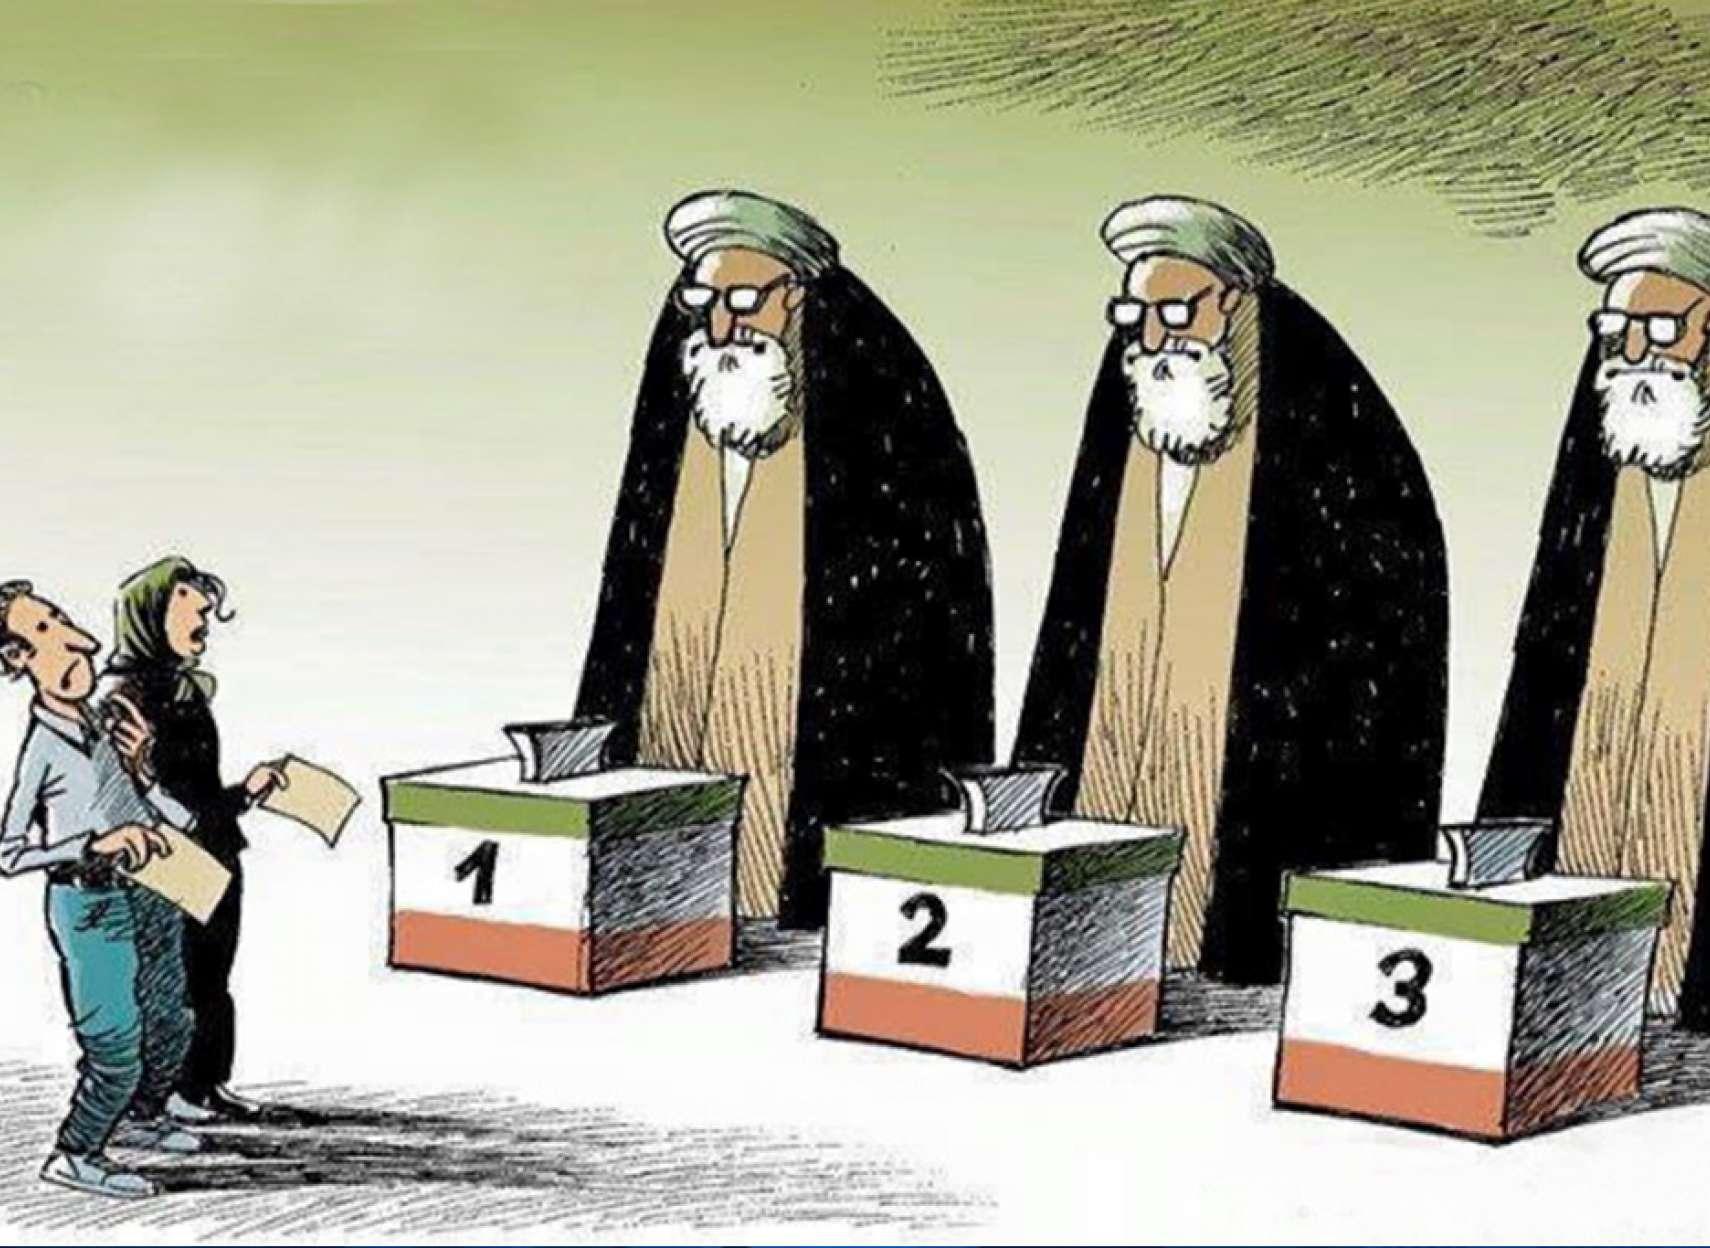 گزارش-تحلیلی-ایران-رمزگشایی-از-جعبه-سیاه-انتخابات-مجلس-در-ایران